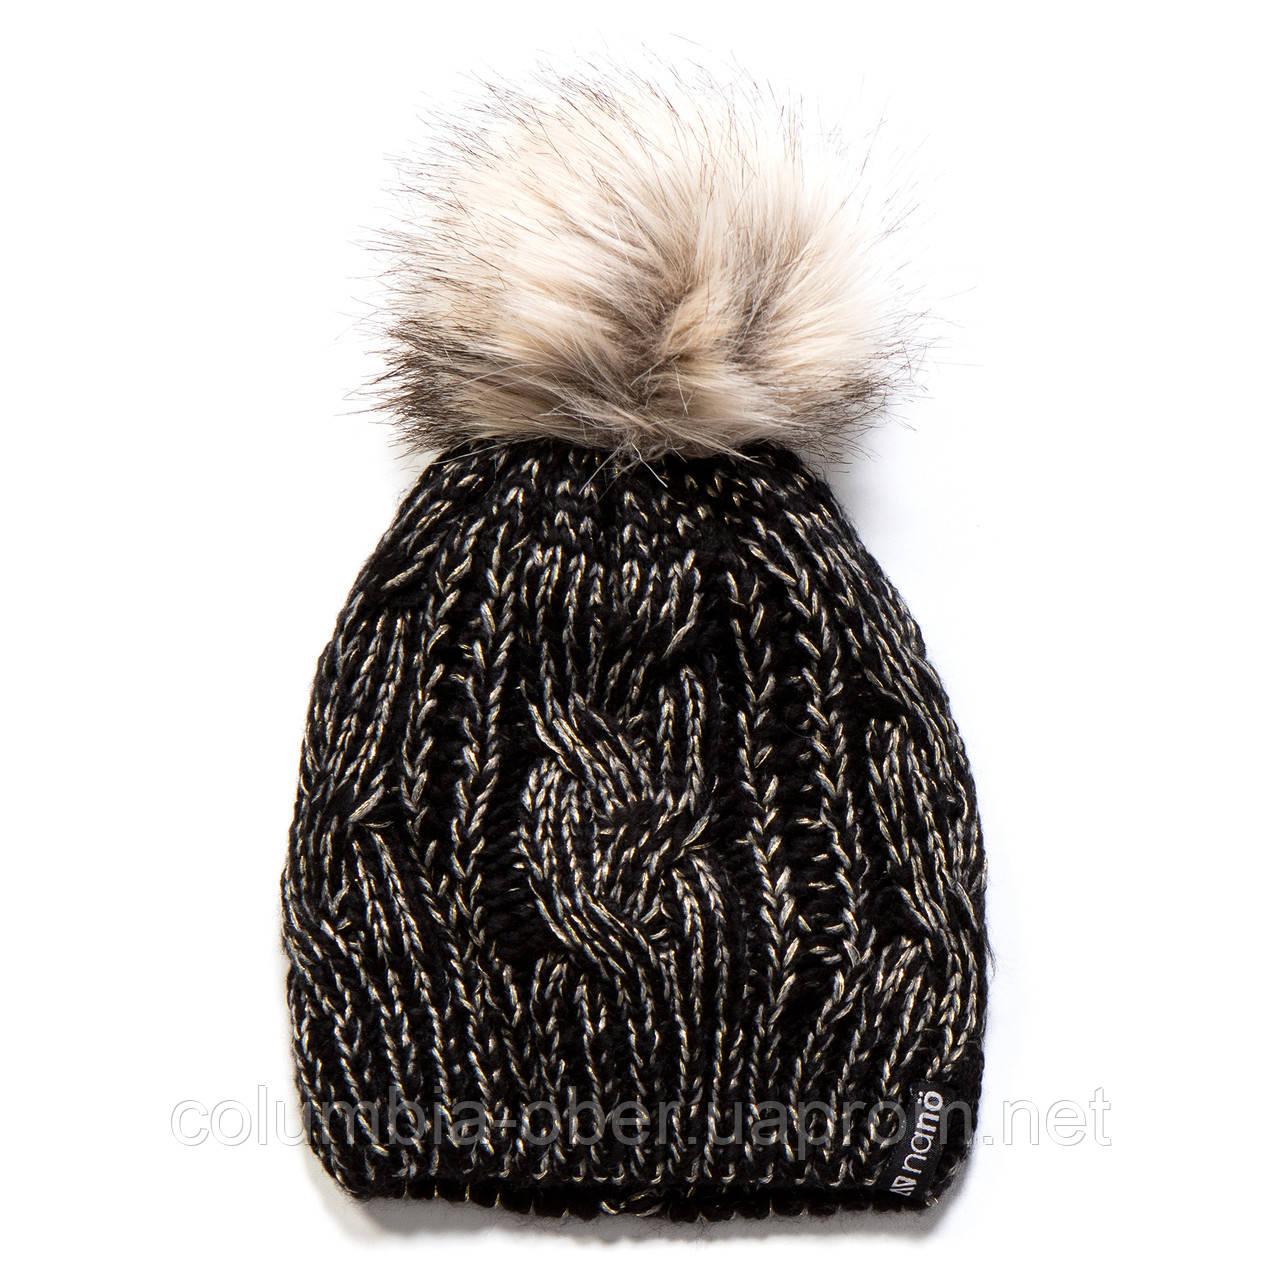 Зимняя детская шапка для девочки Nano F17 TU 1252Black / Grey. Размеры  4/6х- 7-12.